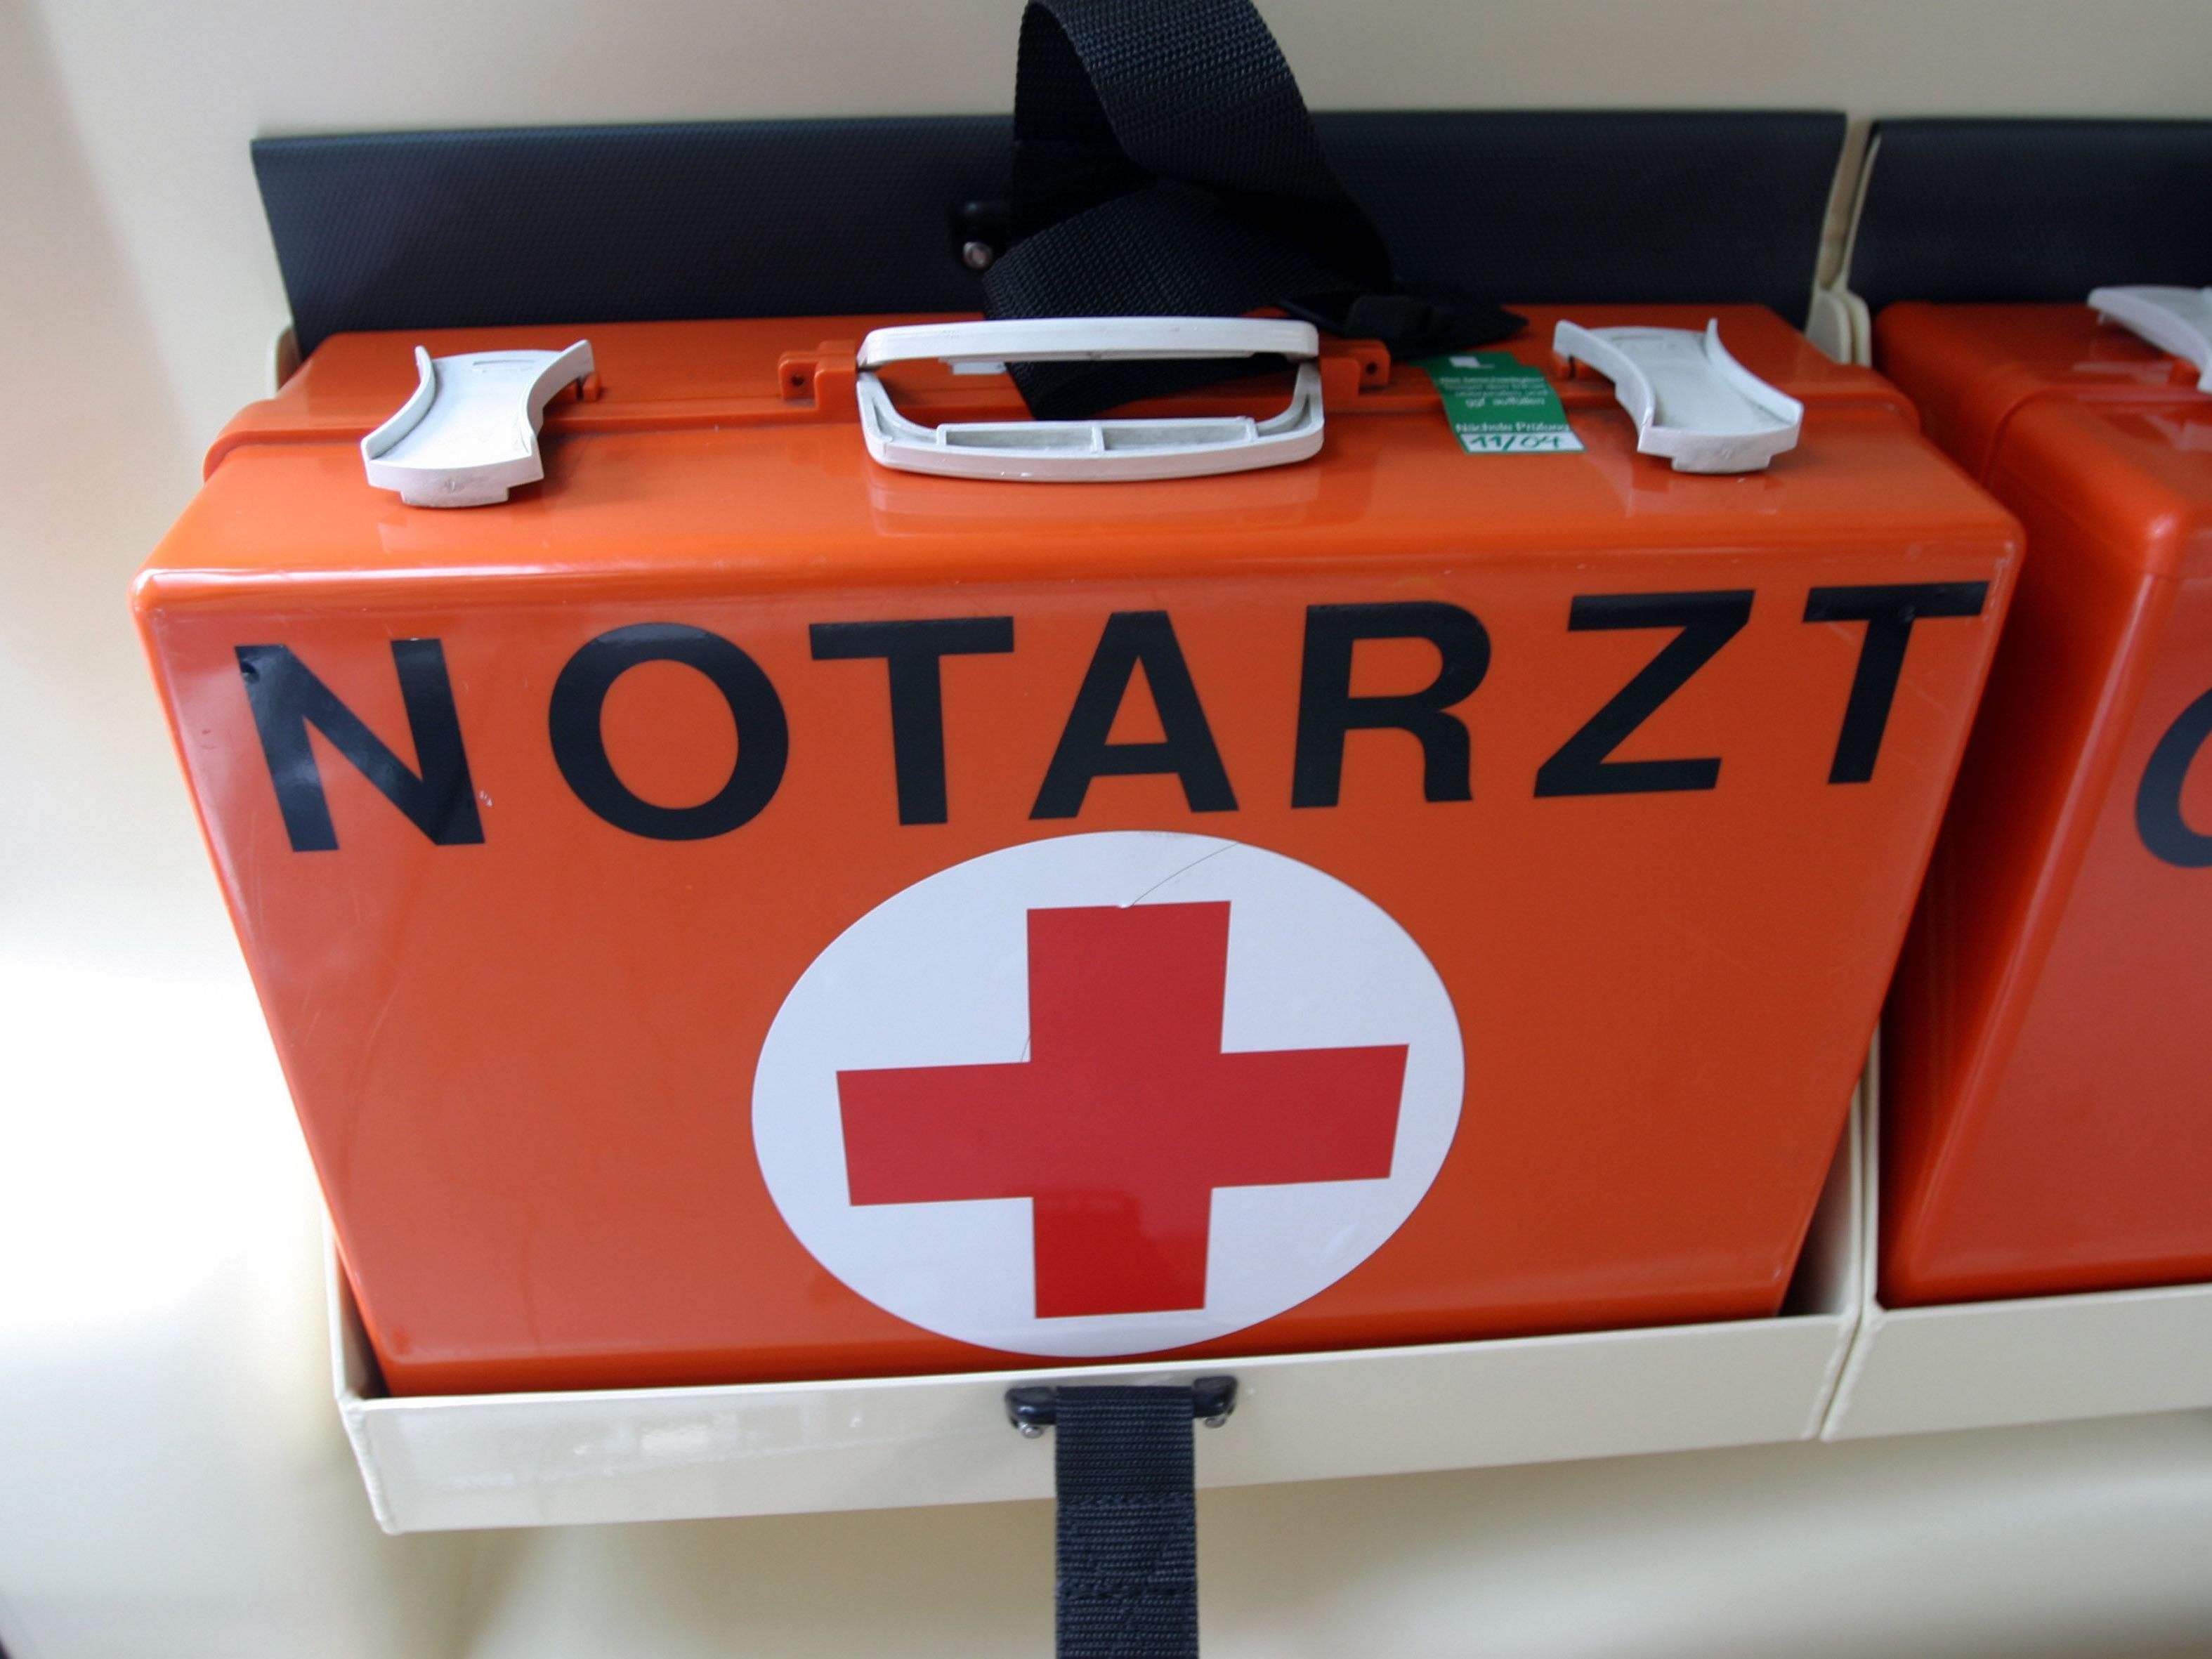 Drei Menschen wurden am Samstag bei einem Frontalcrash in Leonding verletzt.